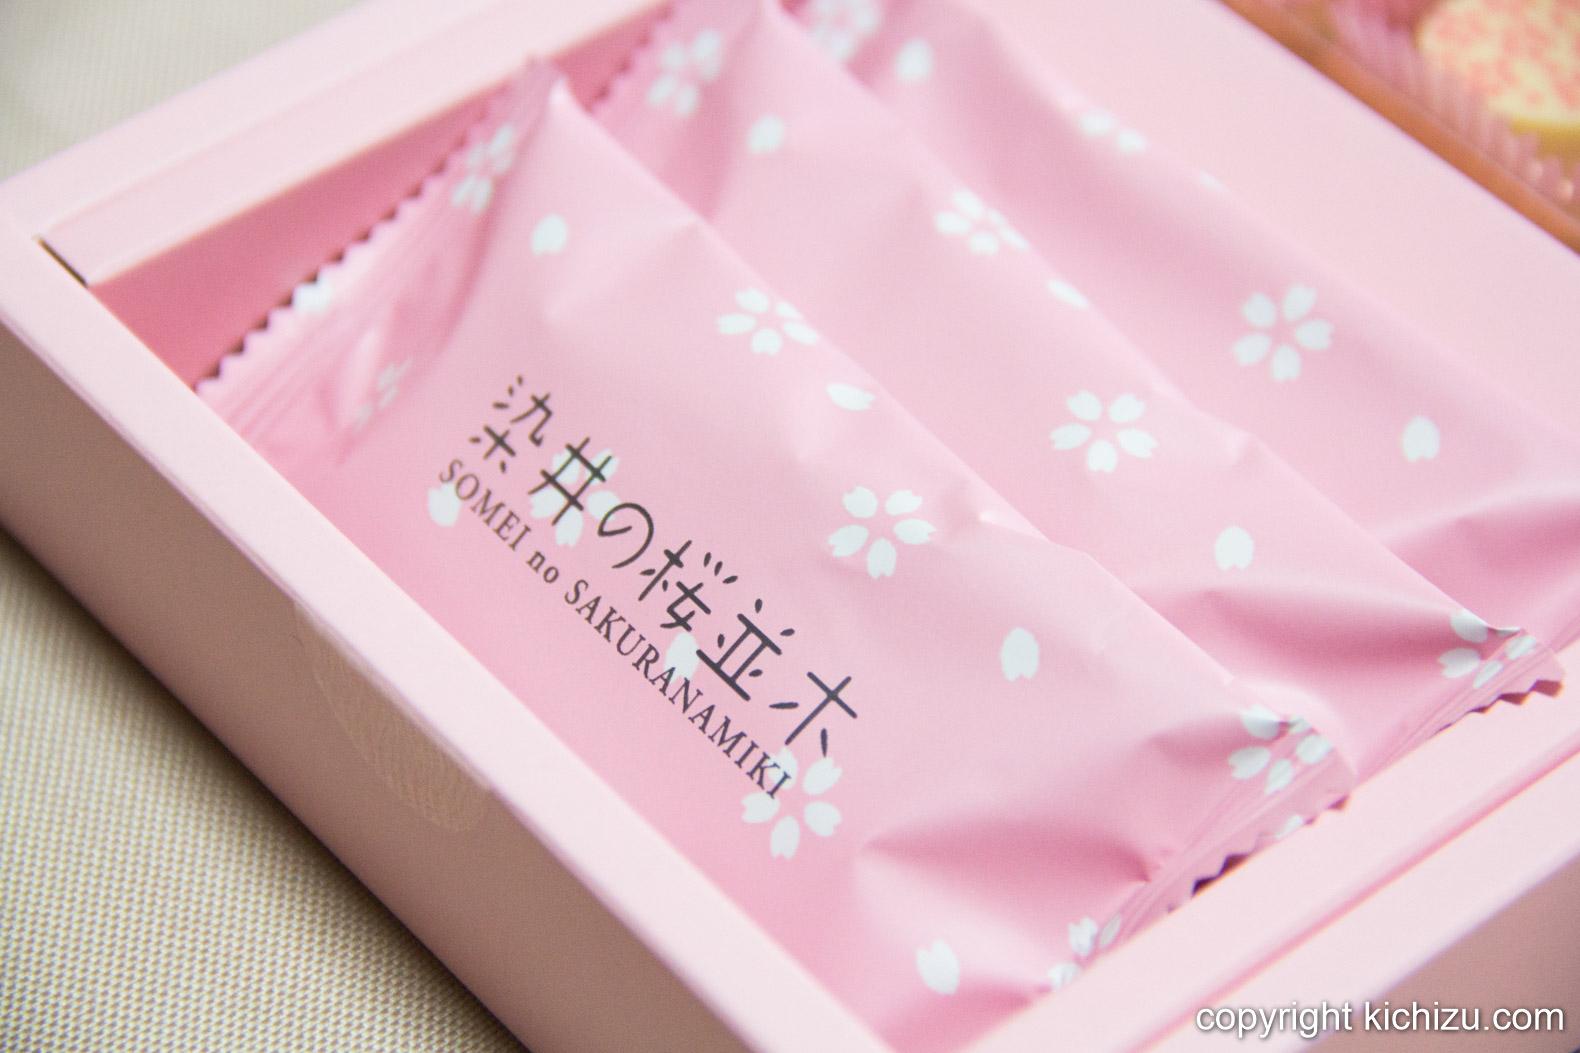 染井の桜並木の文字が書かれた焼き菓子